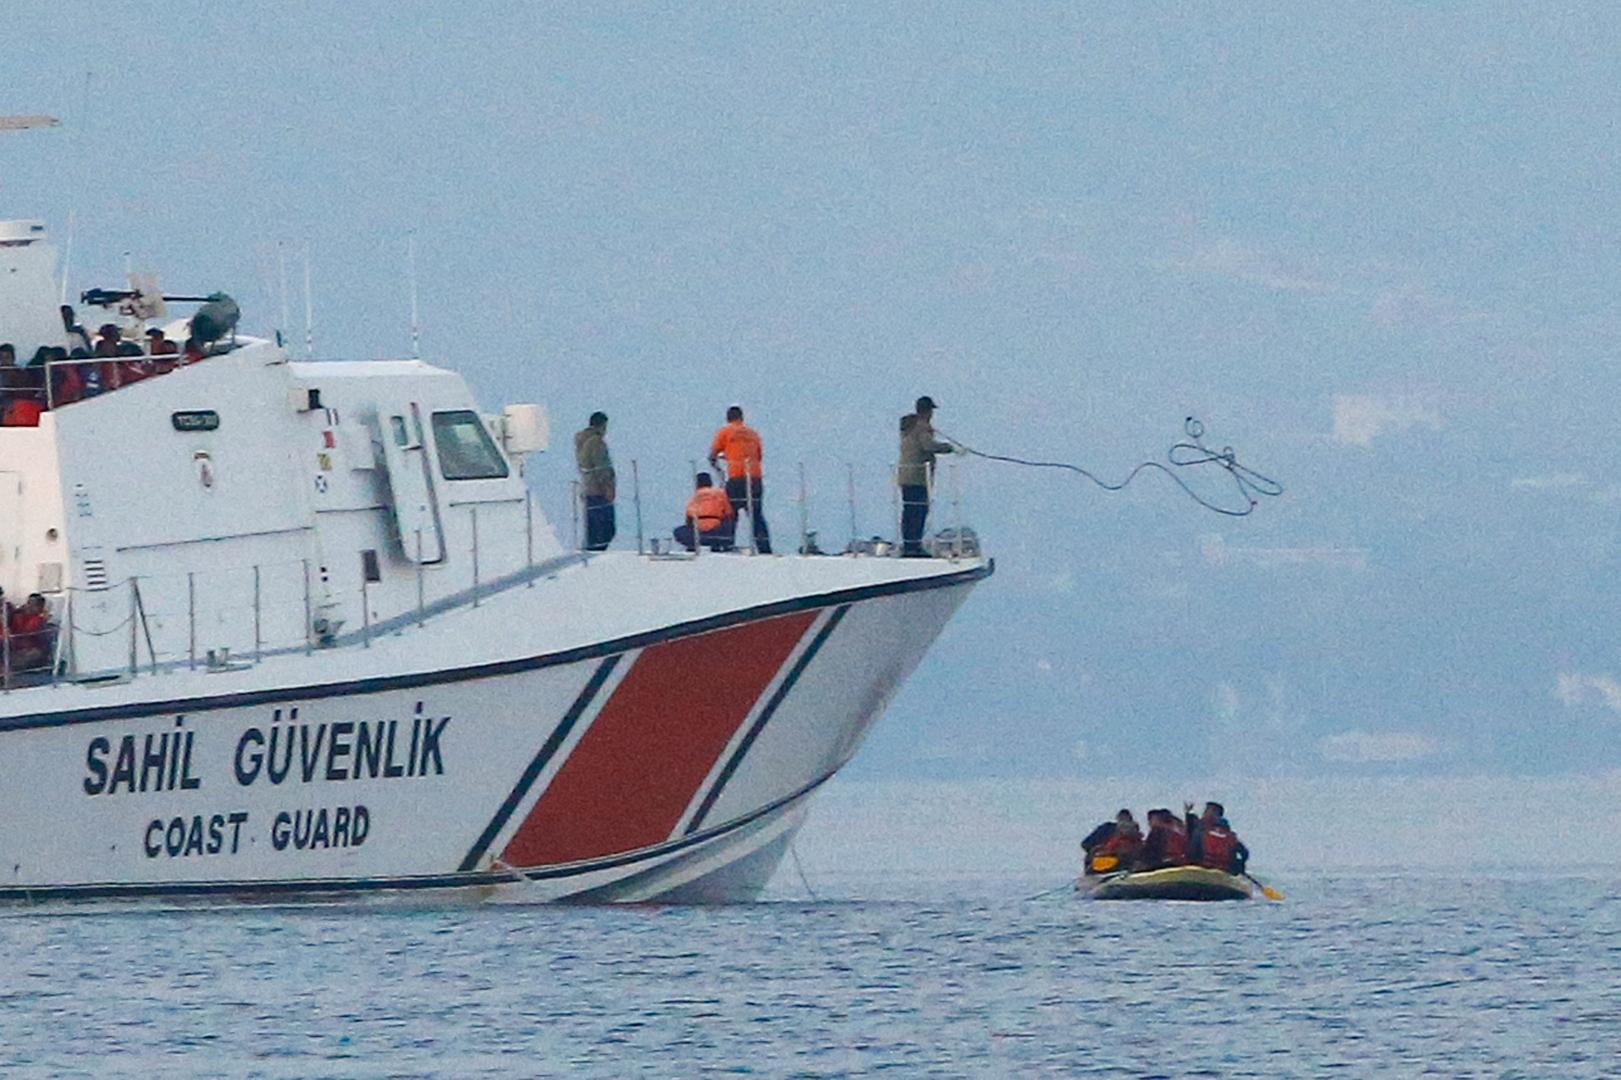 الأناضول: 3 مهاجرين سوريين يعودون سباحة إلى الأراضي التركية من اليونان